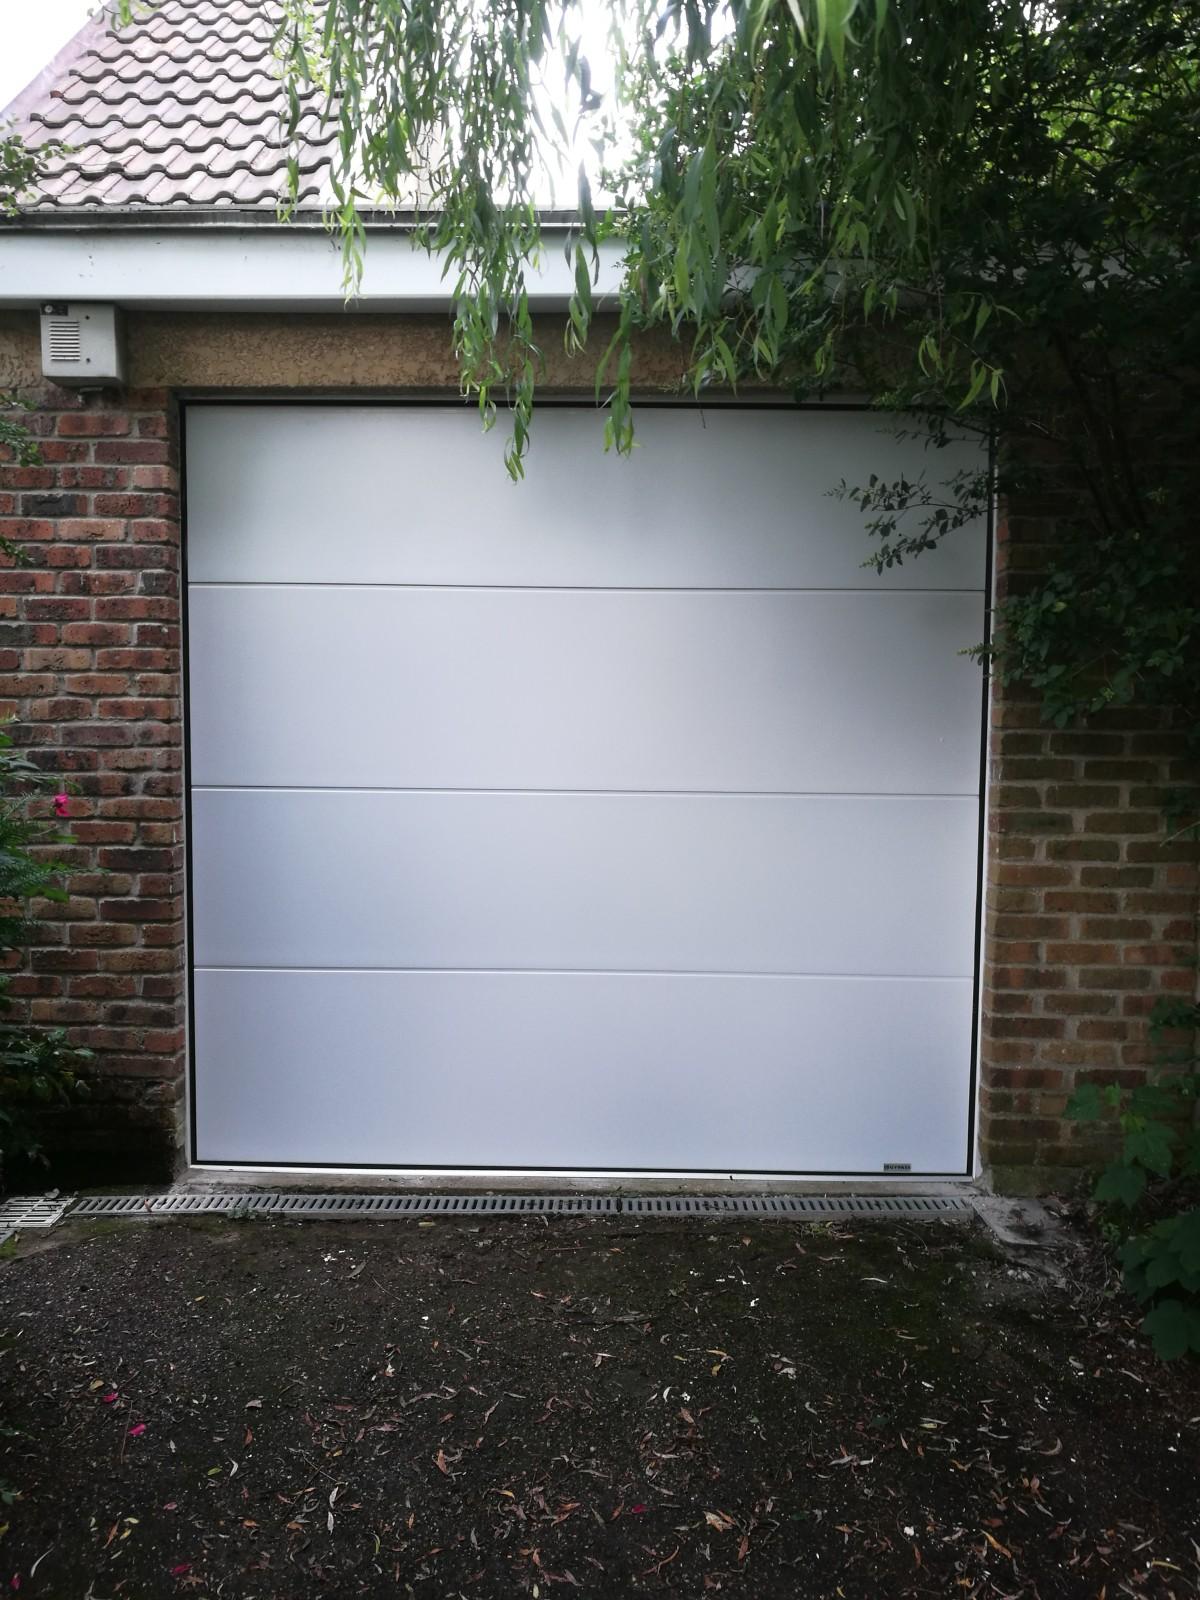 Installation d 39 une porte de garage sectionnelle motoris e dans les yvelines 78 novatis france - Pose d une porte de garage sectionnelle motorisee ...